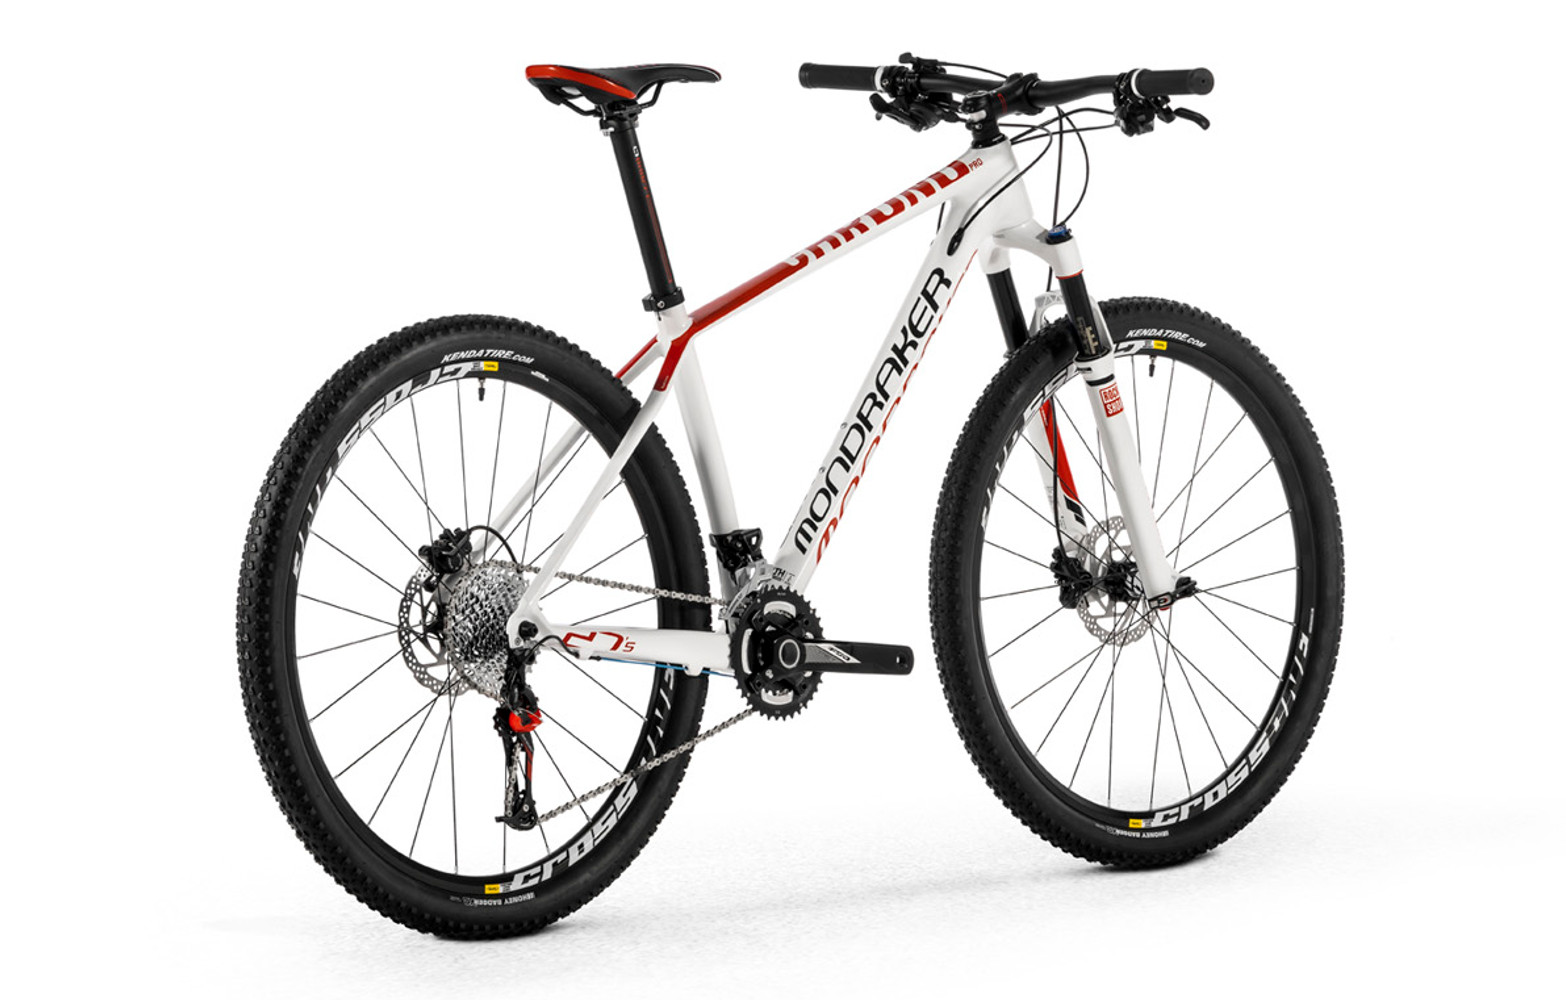 Mondraker Chrono Carbon Pro 27.5'' Hardtail Bike 2015 ...